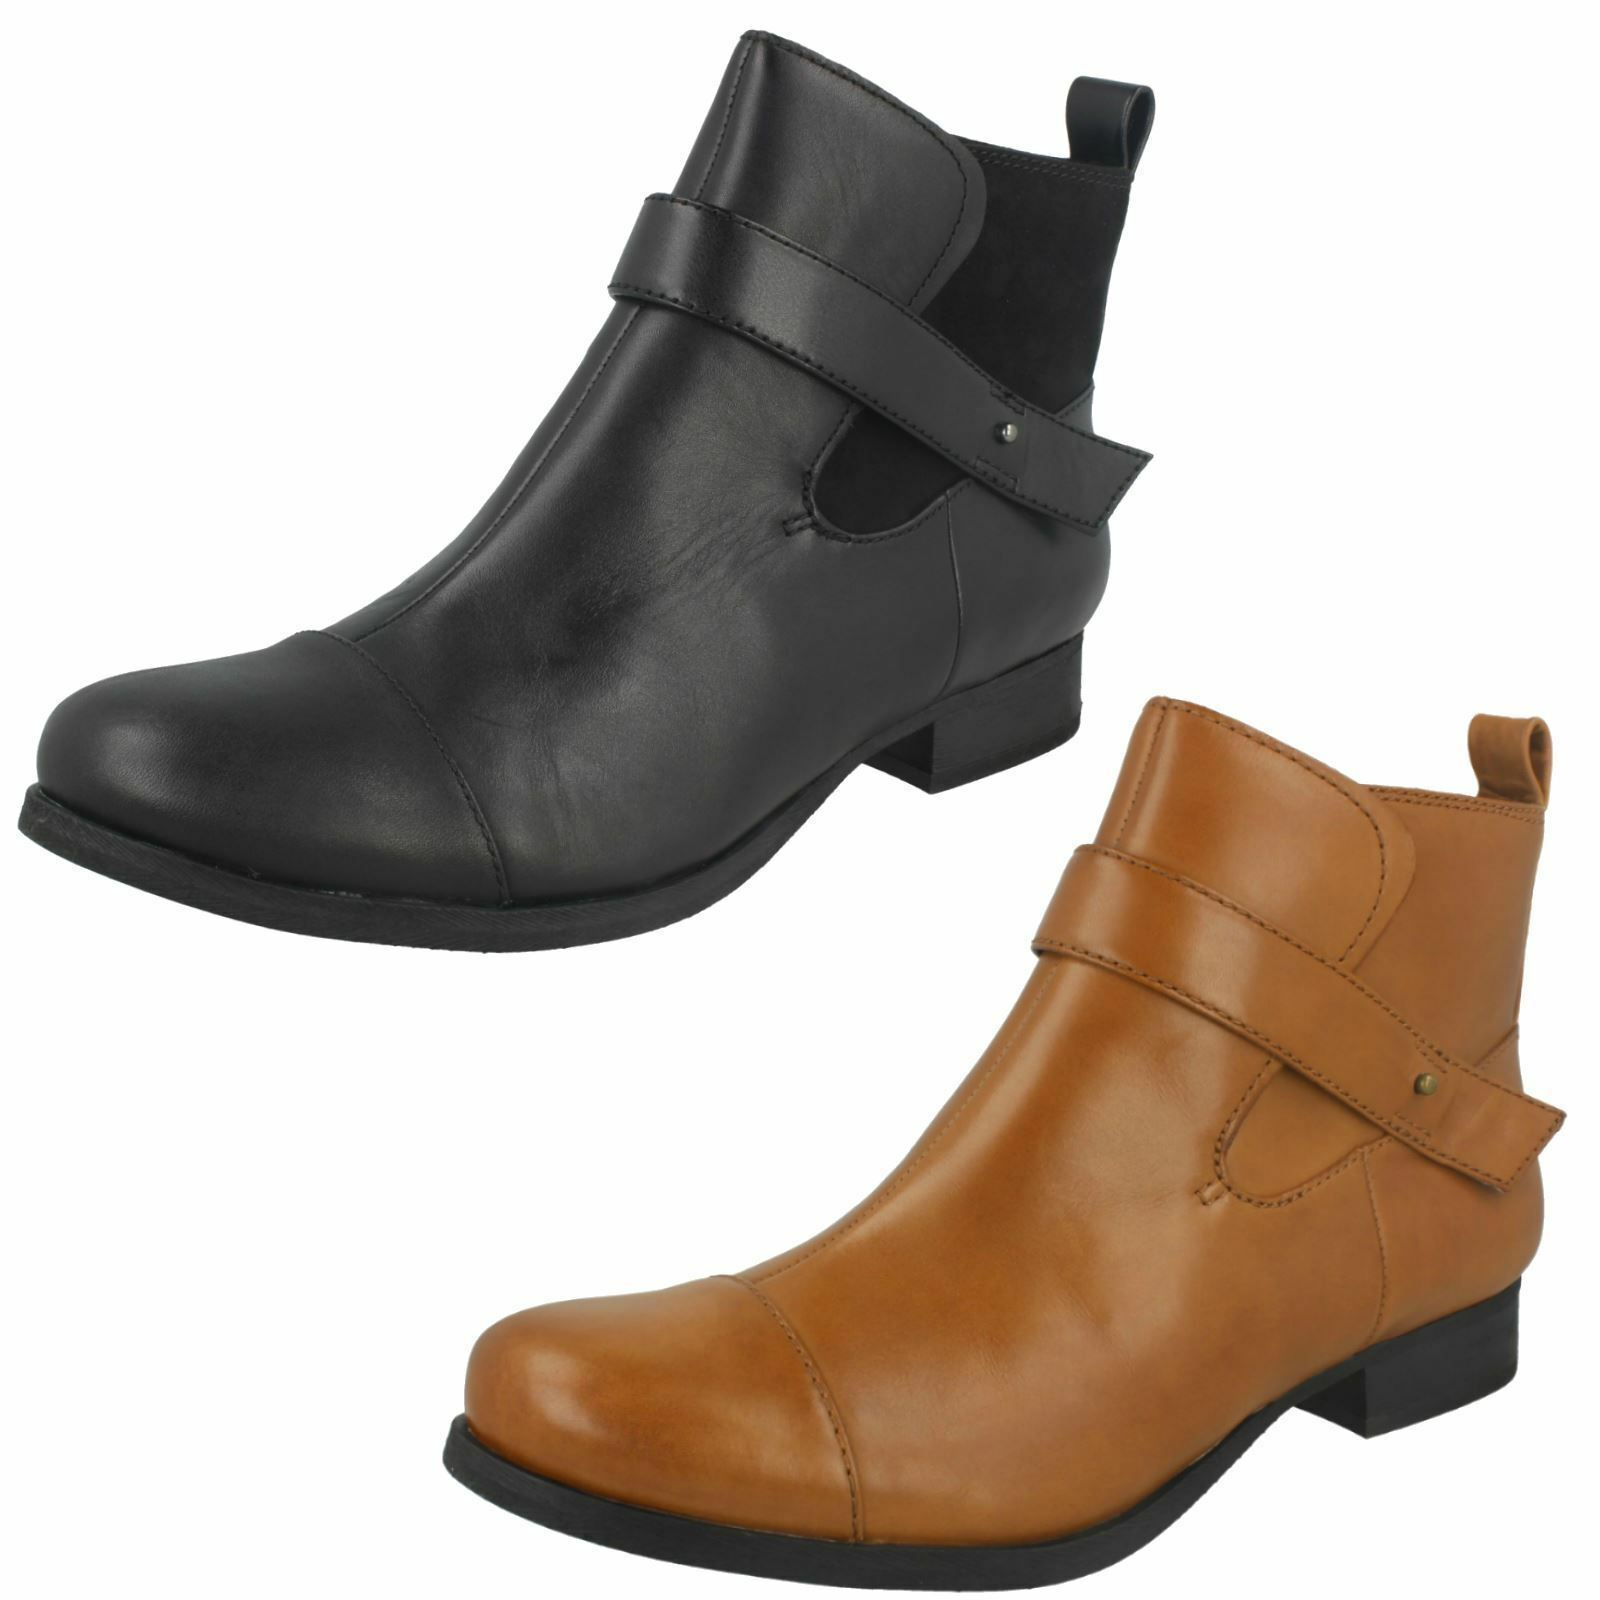 Mujer Cuero Clarks Tobillo boots-ladbroke Mágico 2 colores- Negro & Marrón